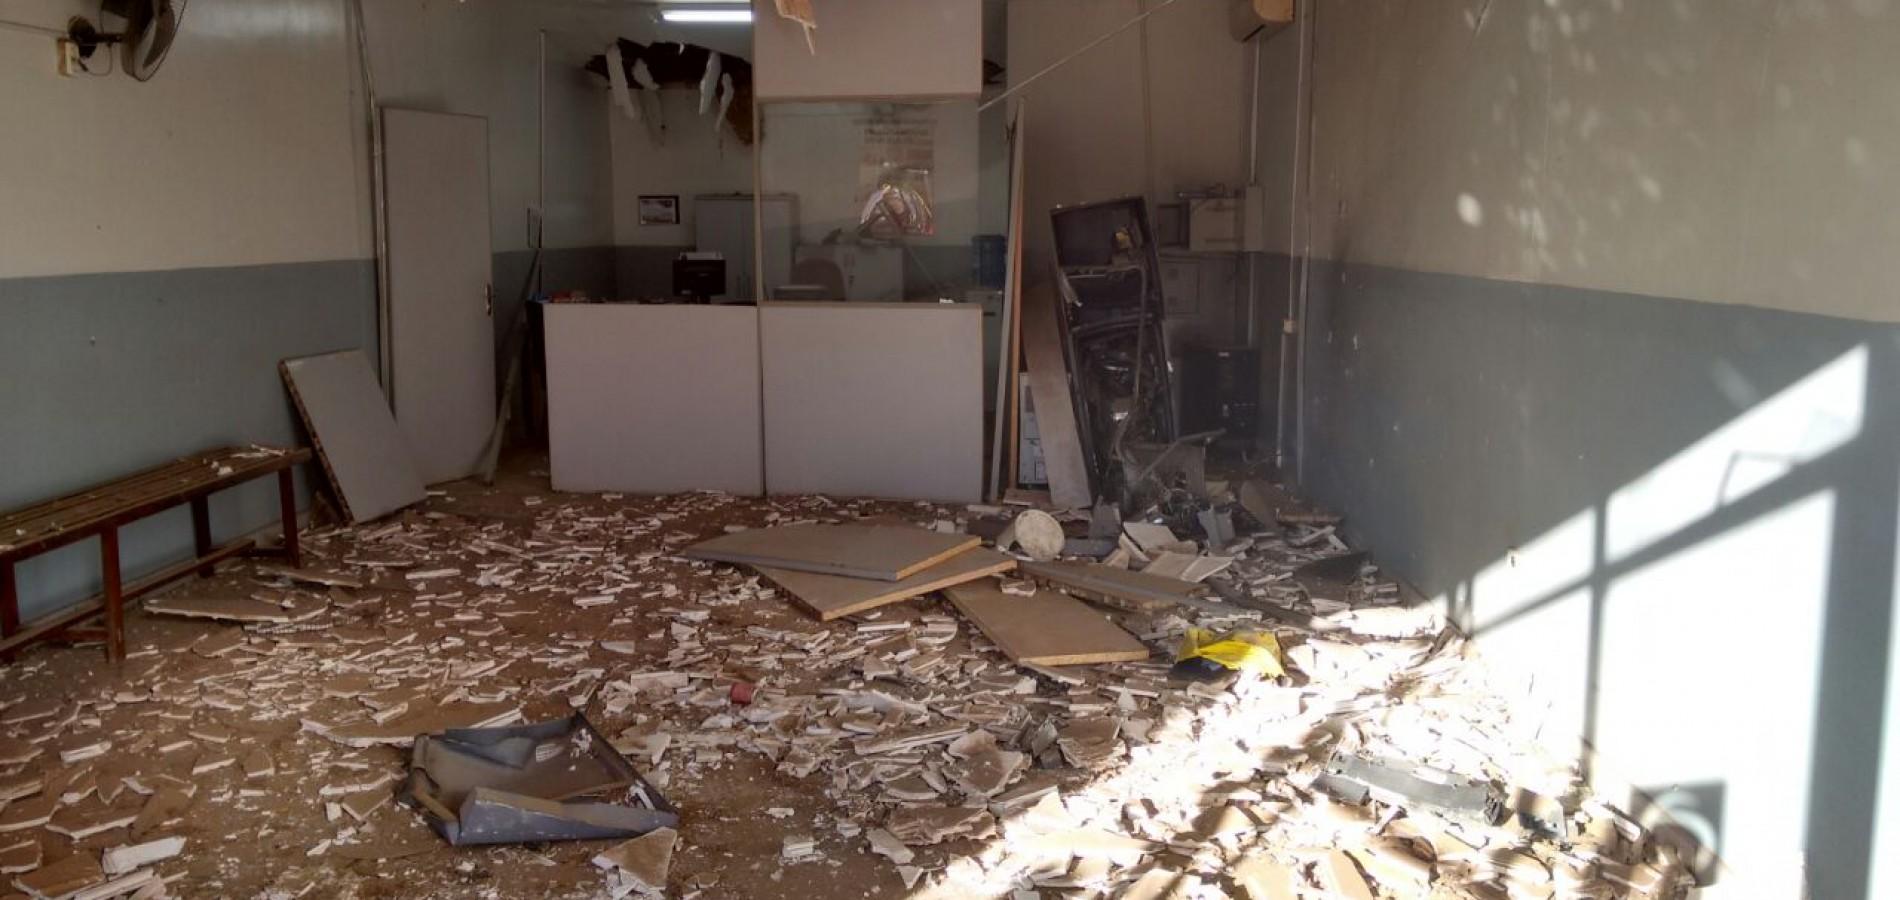 Bandidos explodem posto do Bradesco em Itainópolis; veja imagens